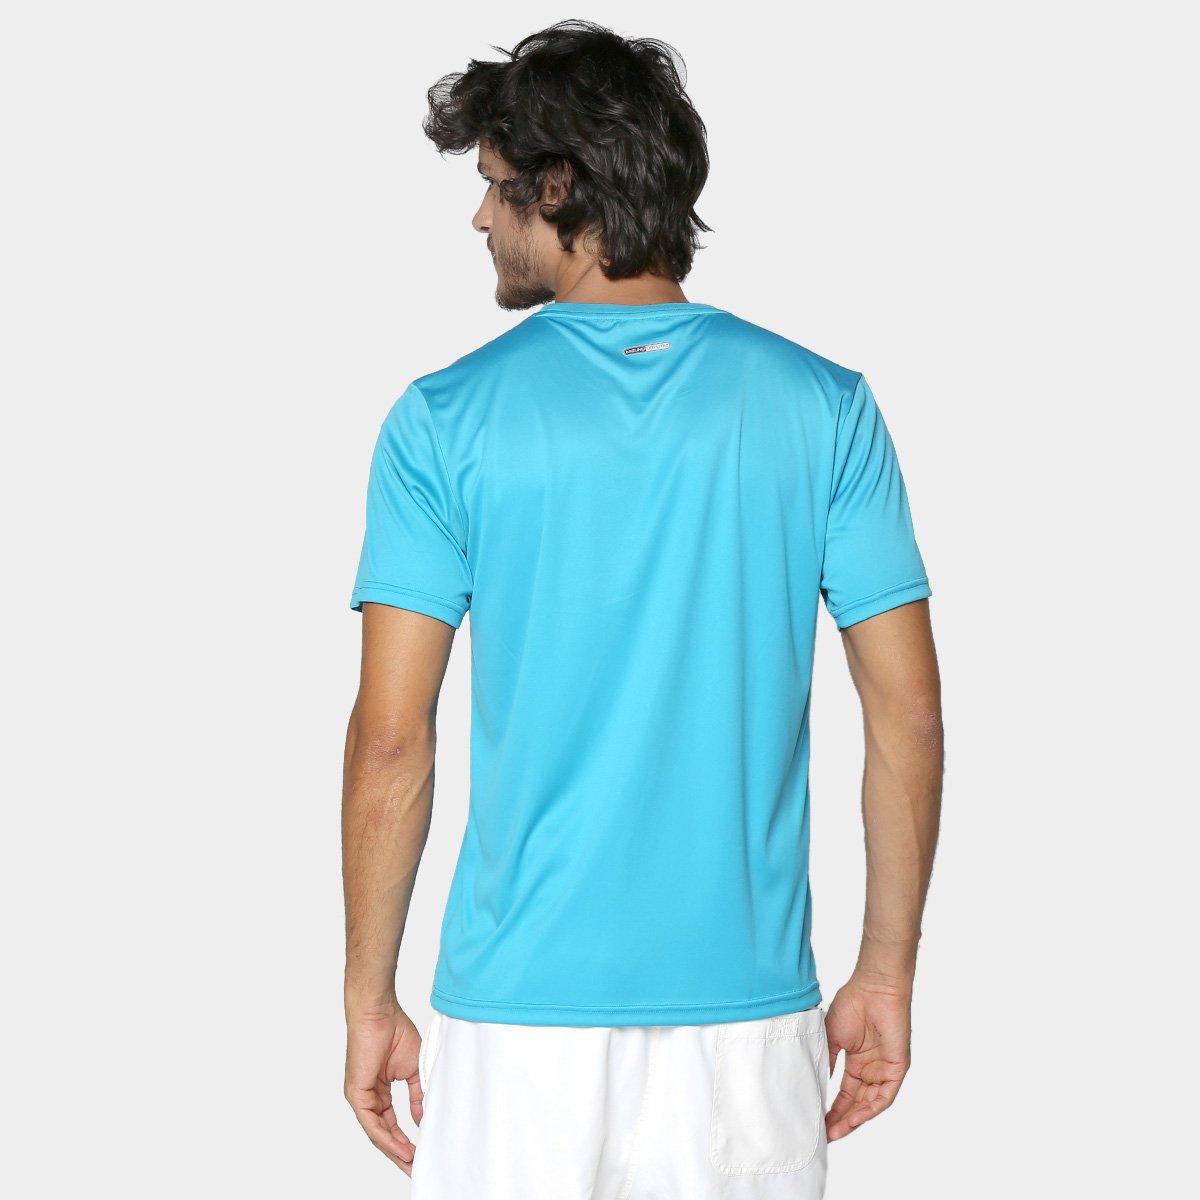 Camiseta Mizuno Run Spark 2 Masculina - Azul Claro - Compre Agora ... ba1683823e597